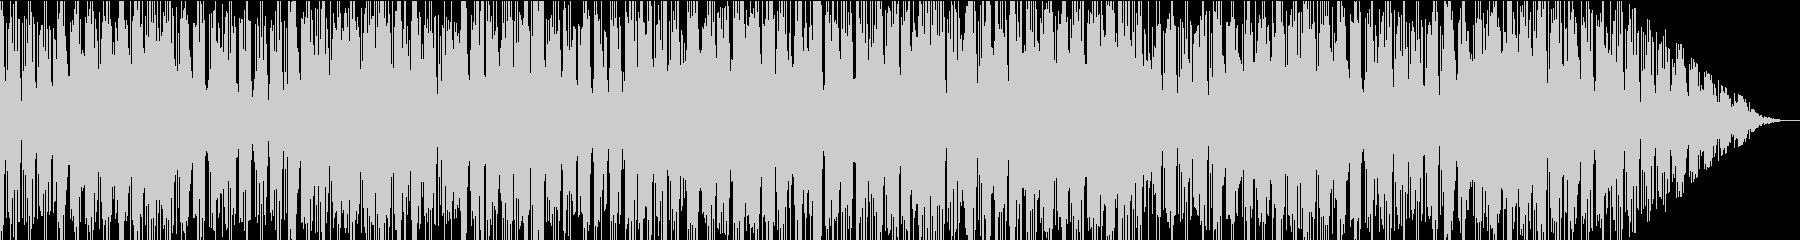 SAXメインのクールなファンクJazzの未再生の波形